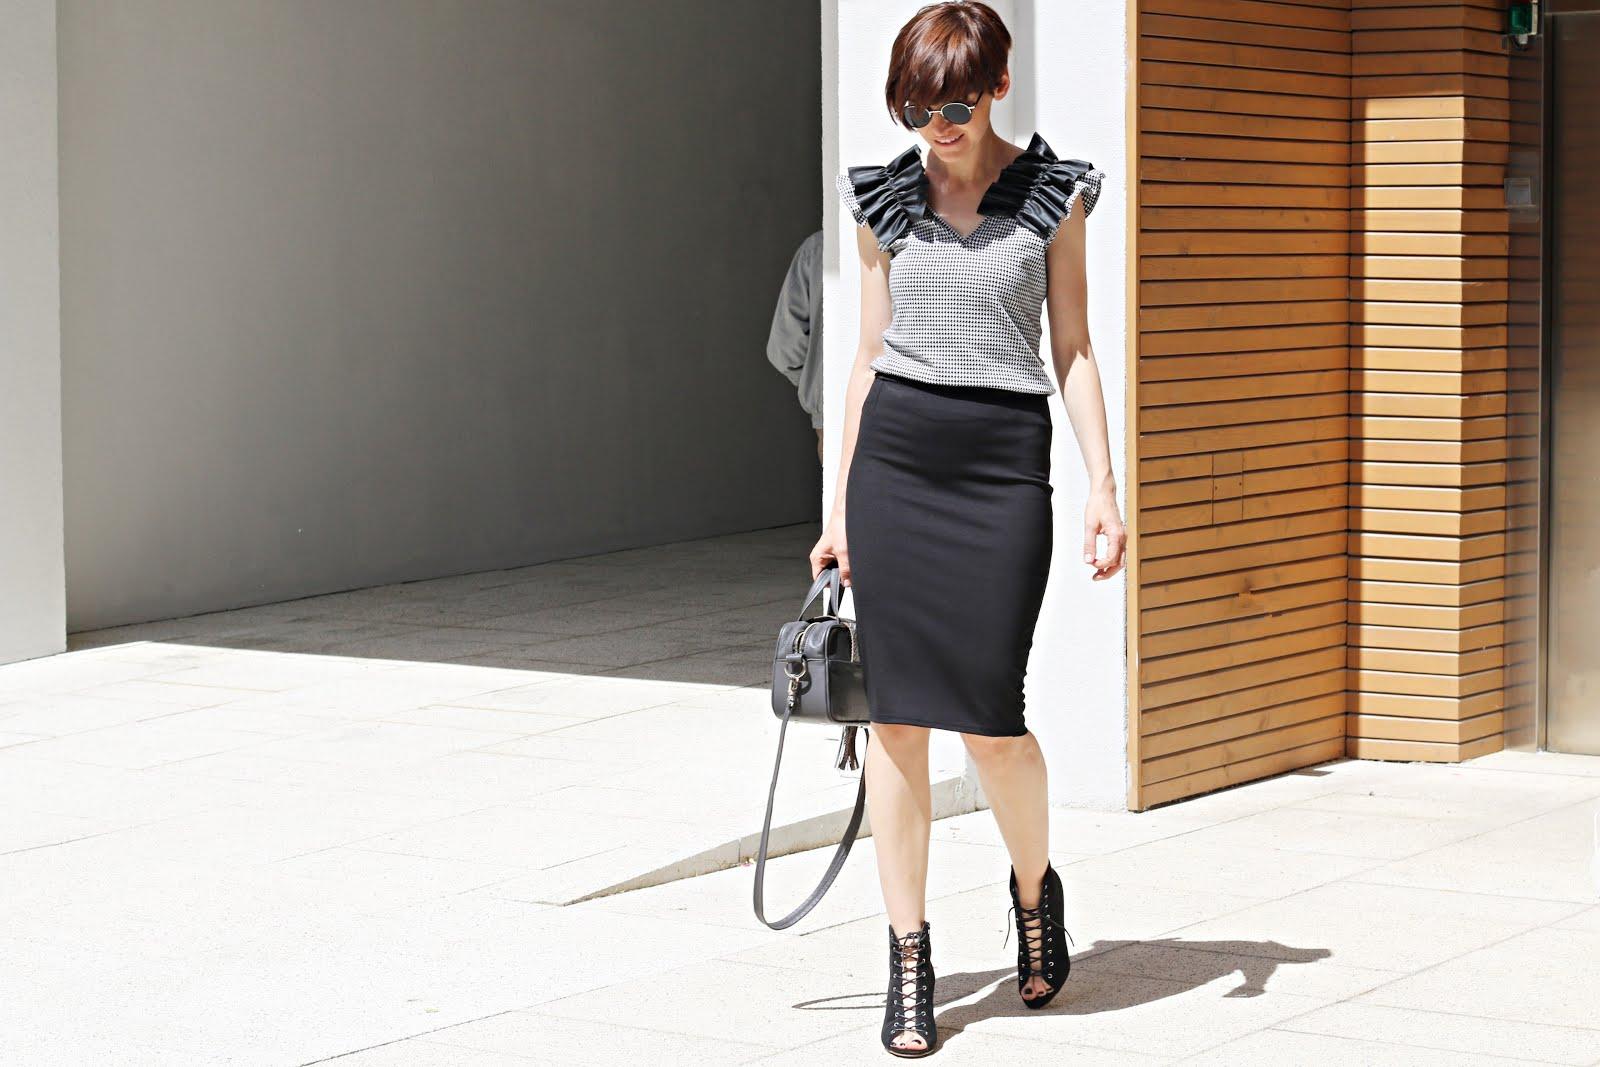 Stylizacja z klasyczna spodnica nie musi byc nudnabusiness casual, falbany, lato w biurze, lato w mieście, monochrome, myBag, novamoda style, ołówkowa spódnica, simi, spódnica, trendy